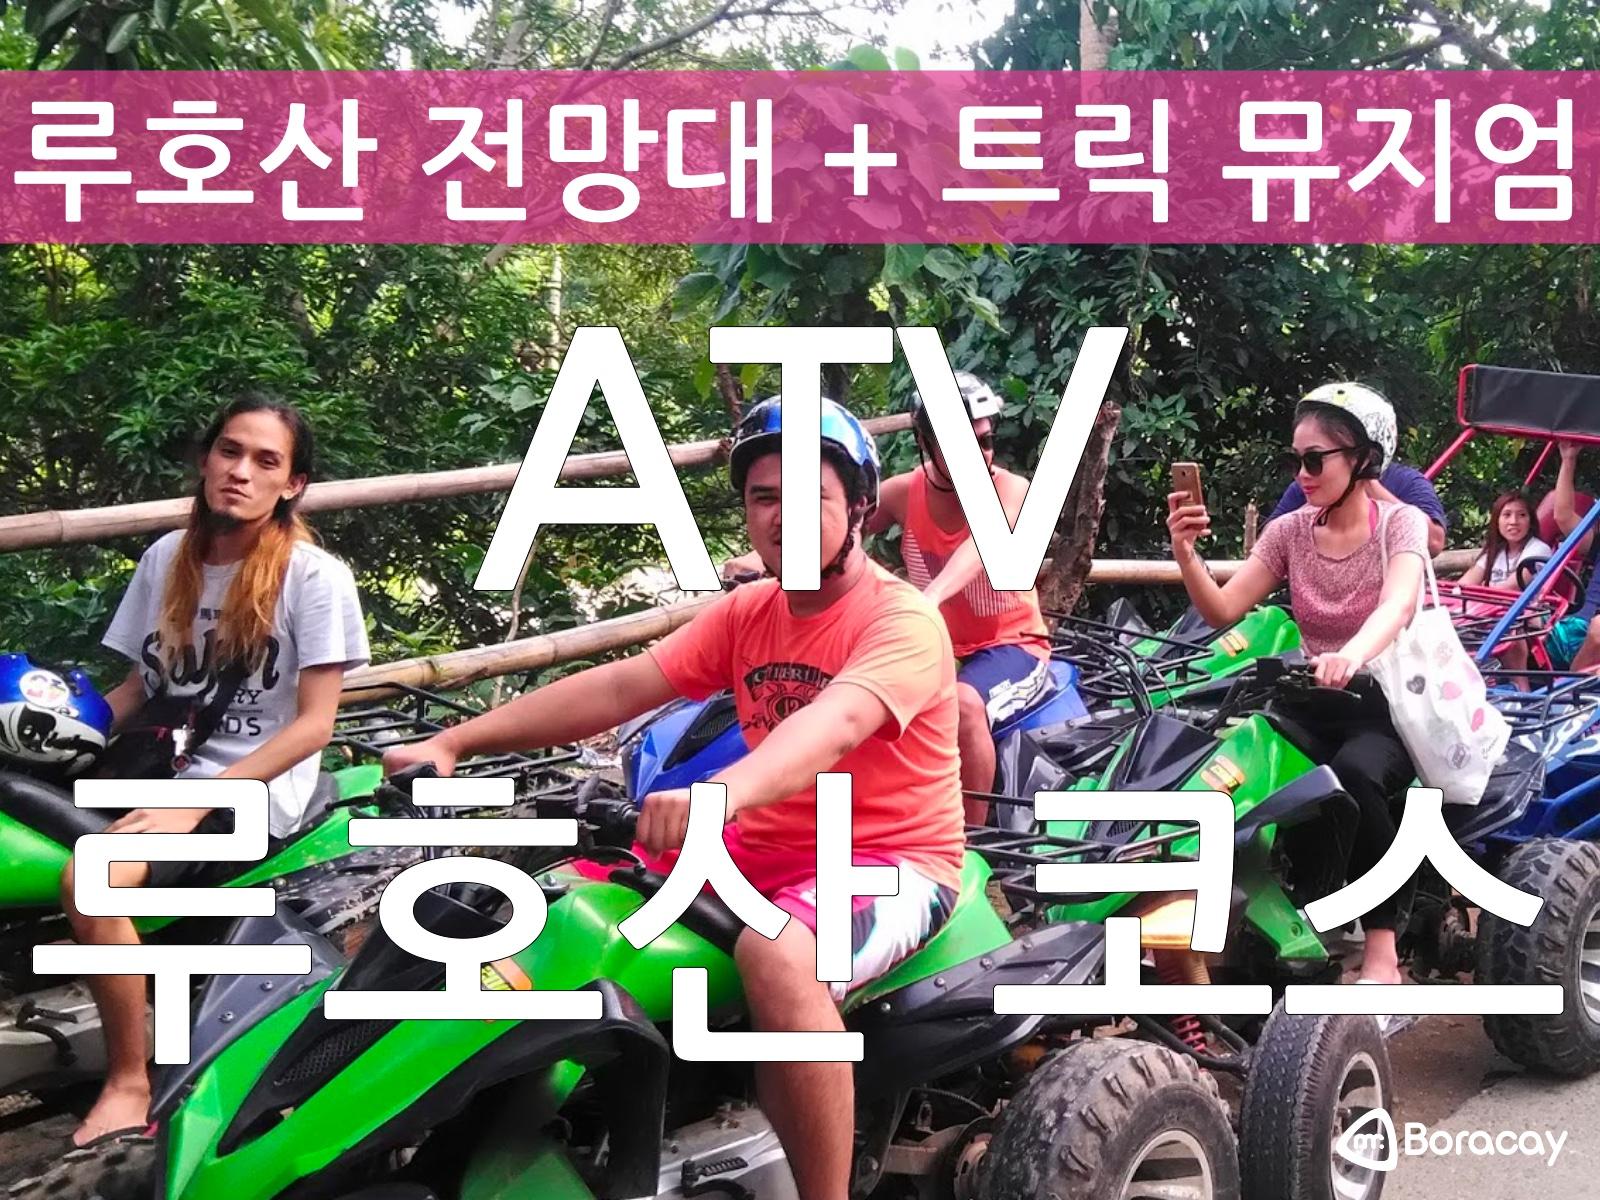 [보라카이 액티비티] ATV(1인 탑승) 1시간! - 루호산 전망대 + 트릭 뮤지엄